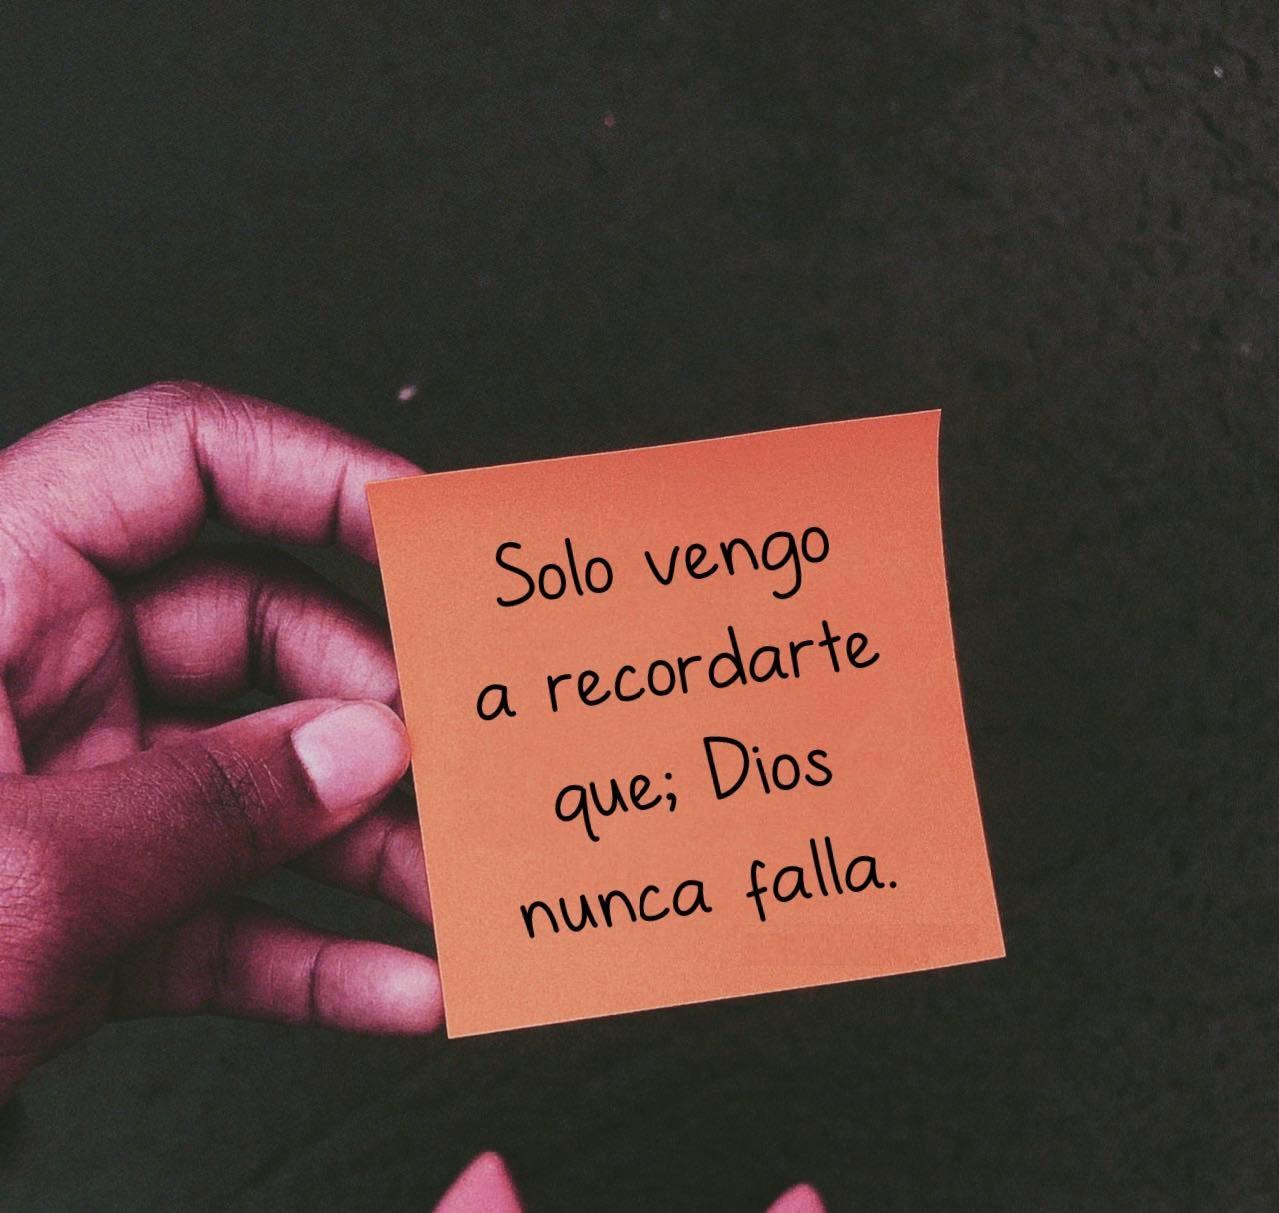 Solo vengo a recordarte que; Dios nunca falla